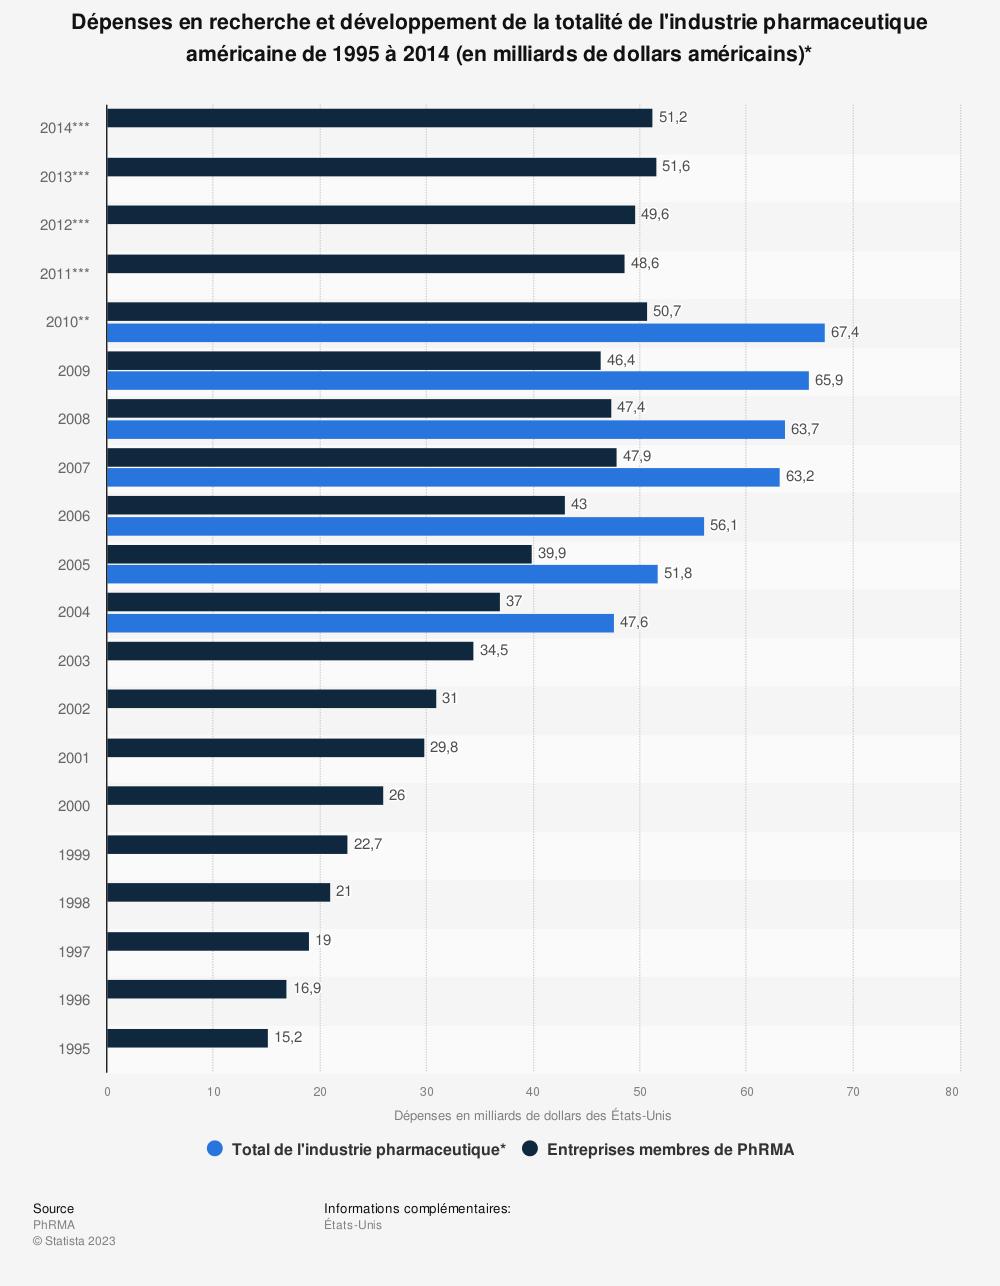 Statistique: Dépenses en recherche et développement de la totalité de l'industrie pharmaceutique américaine de 1995 à 2014 (en milliards de dollars américains)* | Statista